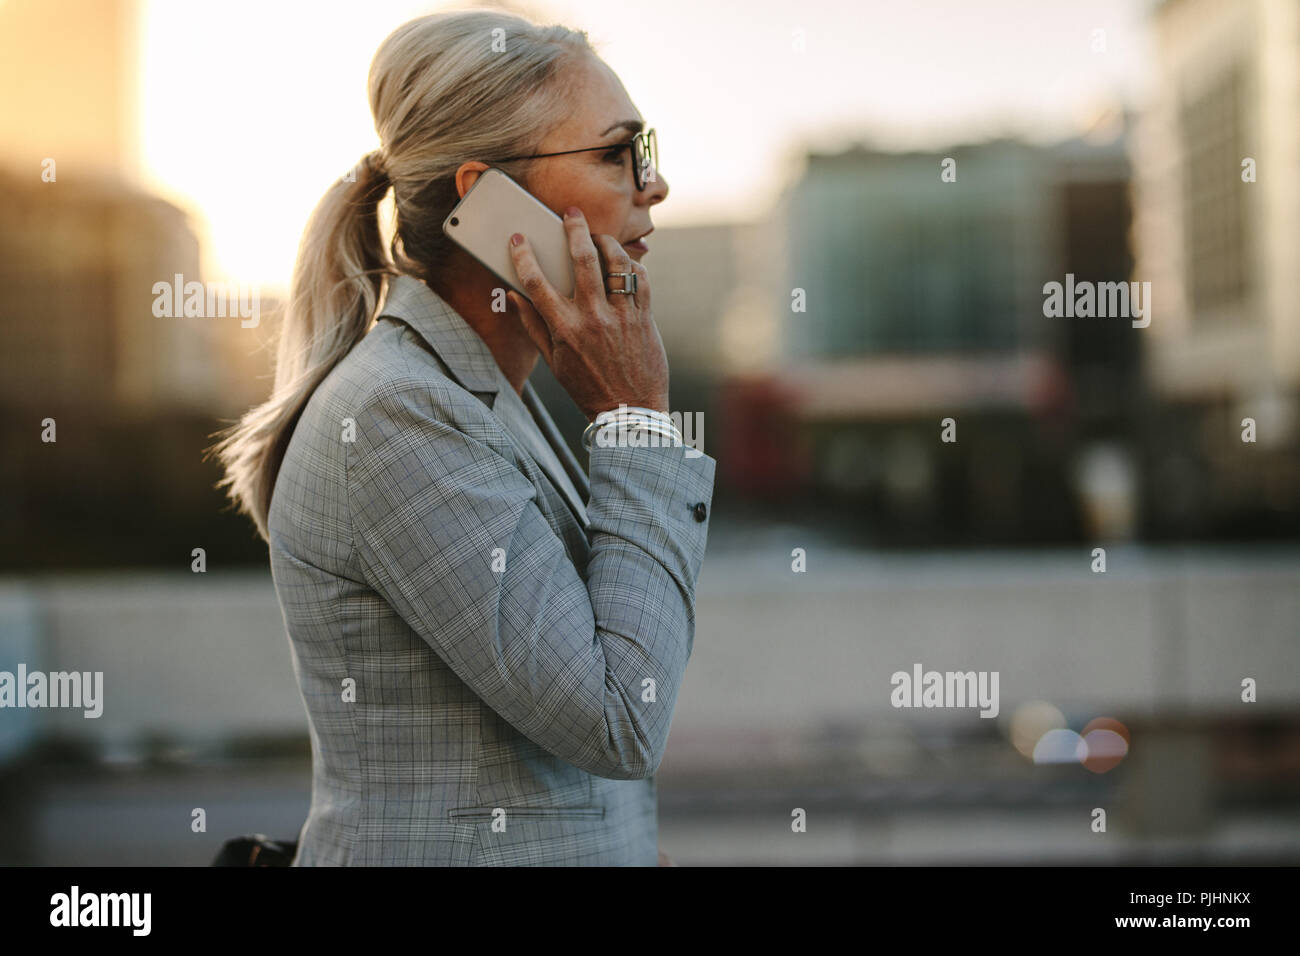 Seitenansicht des Senior Business Professionelle walking draußen auf der Straße sprechen auf Handy. Reife Geschäftsfrau zu Fuß draußen auf der Straße mit Mobile p Stockbild